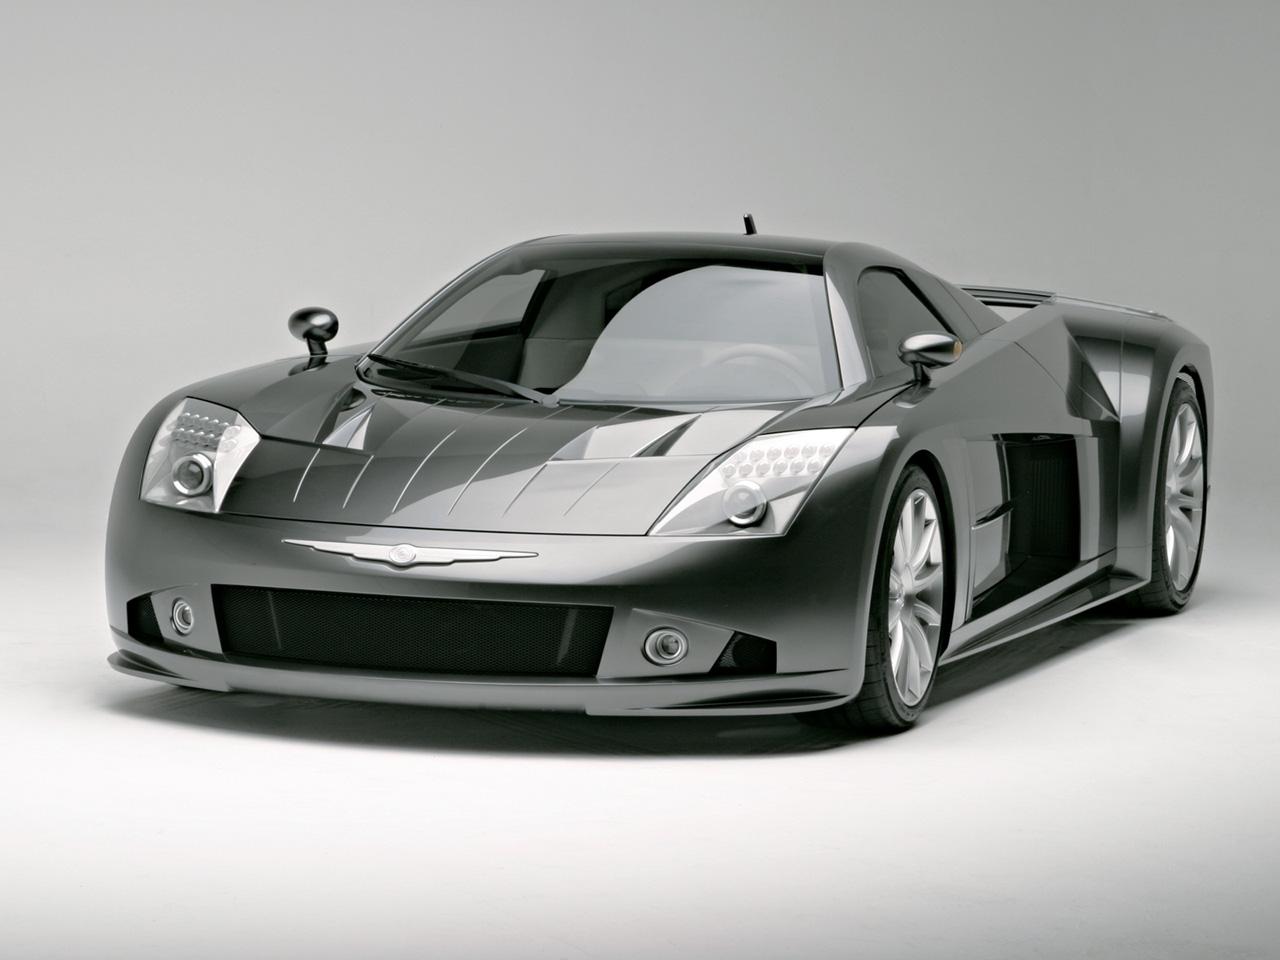 Chrysler Four